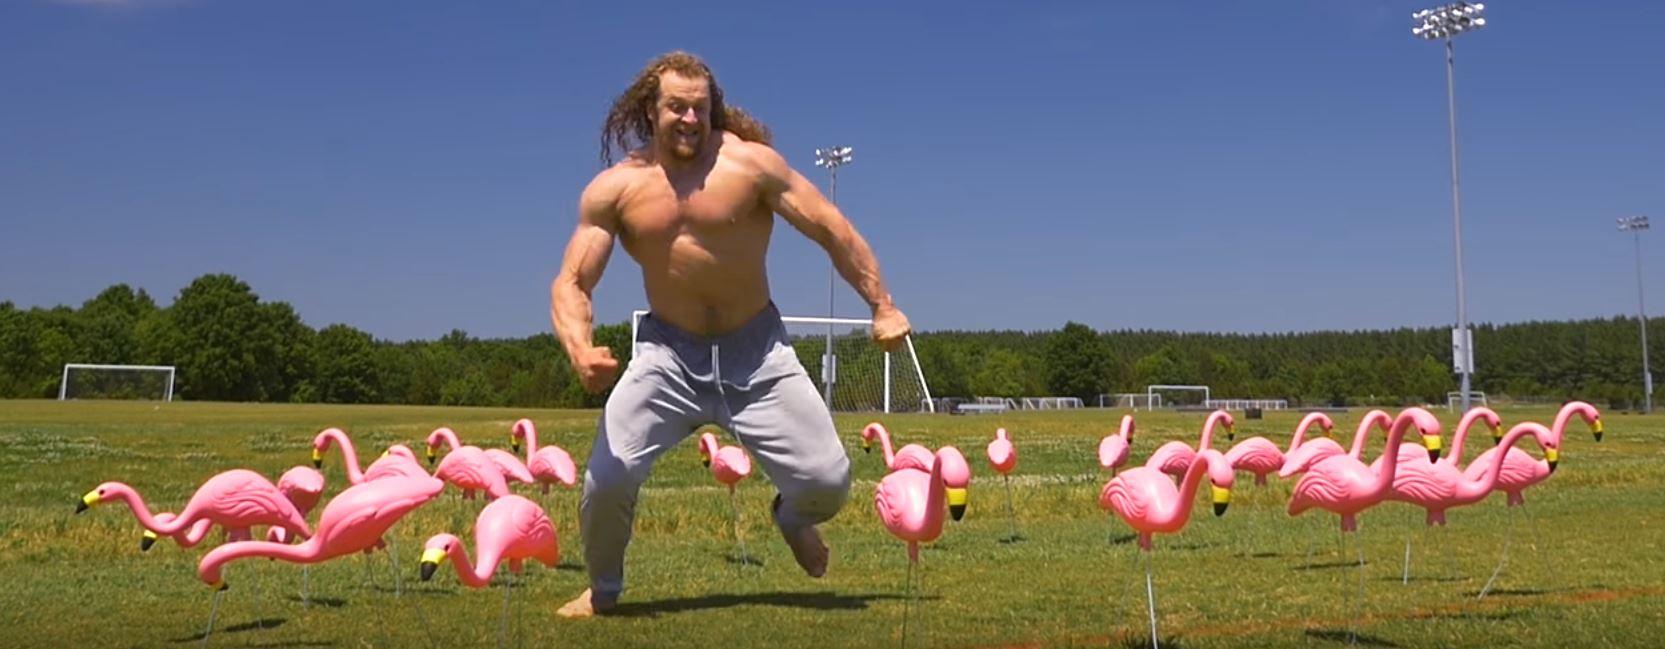 Jujimufu kicking Flamingos